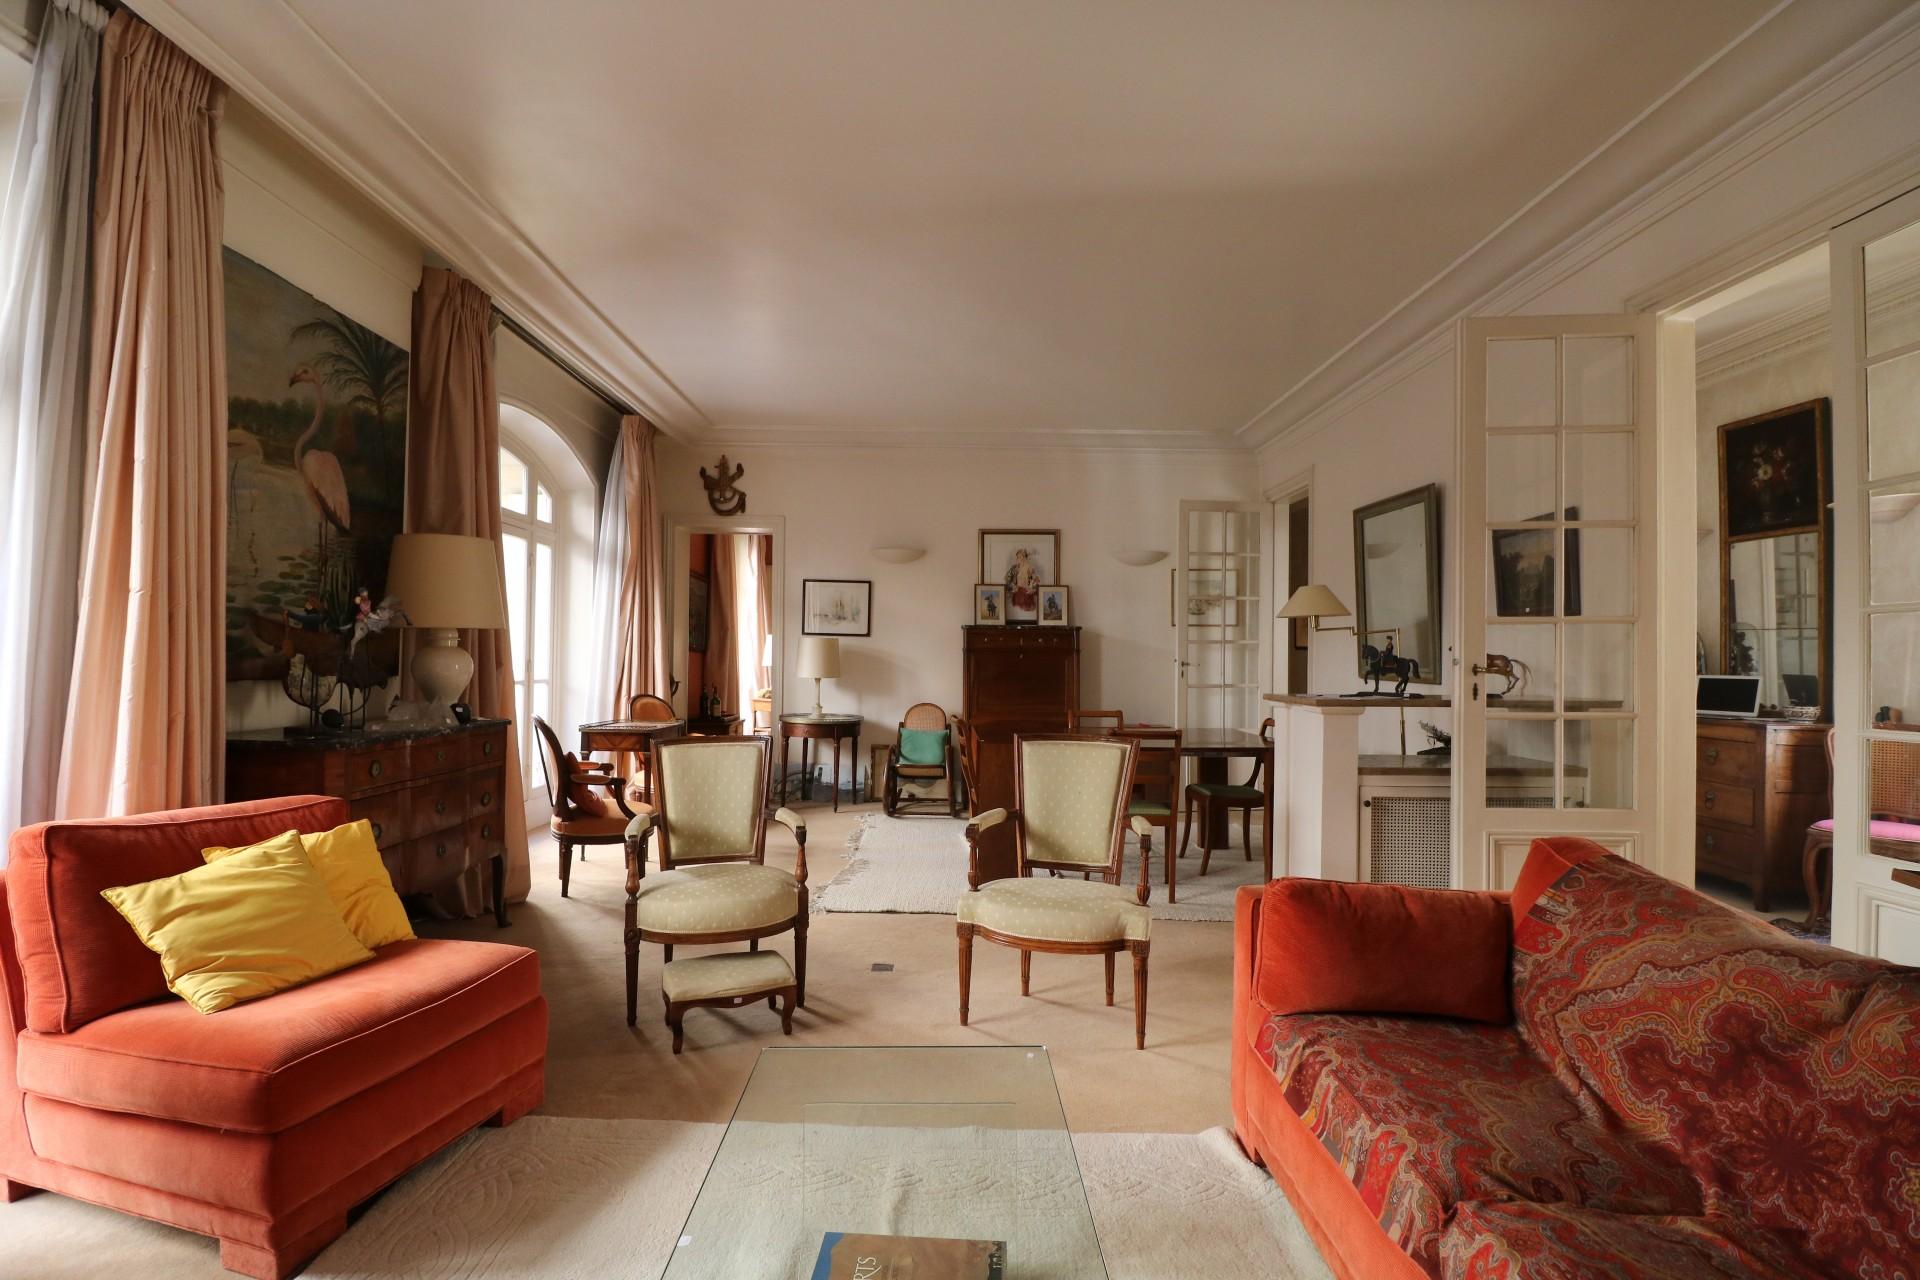 la-clef-des-villes-agence-immobiliere-paris-16-metro-ranelagh-photo-appartement-sejour-moulures